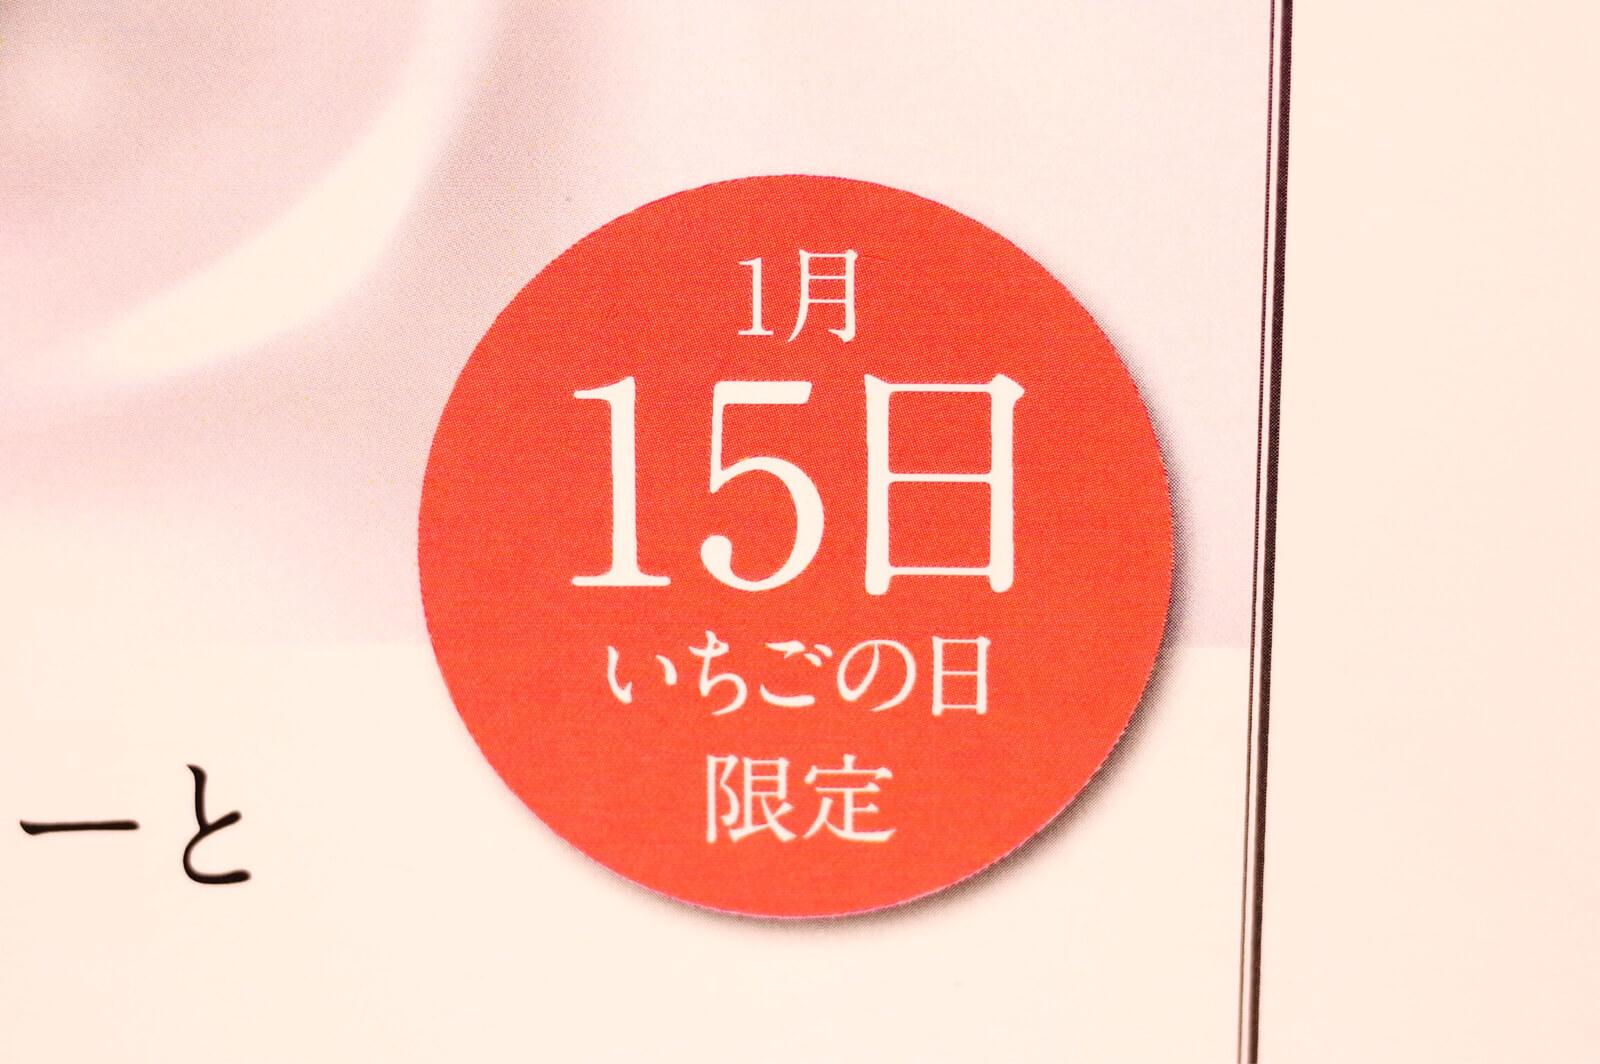 高野フルーツパーラー 新宿 | 1月15日は苺の日 スカイベリーととちおとめのパフェを堪能した!